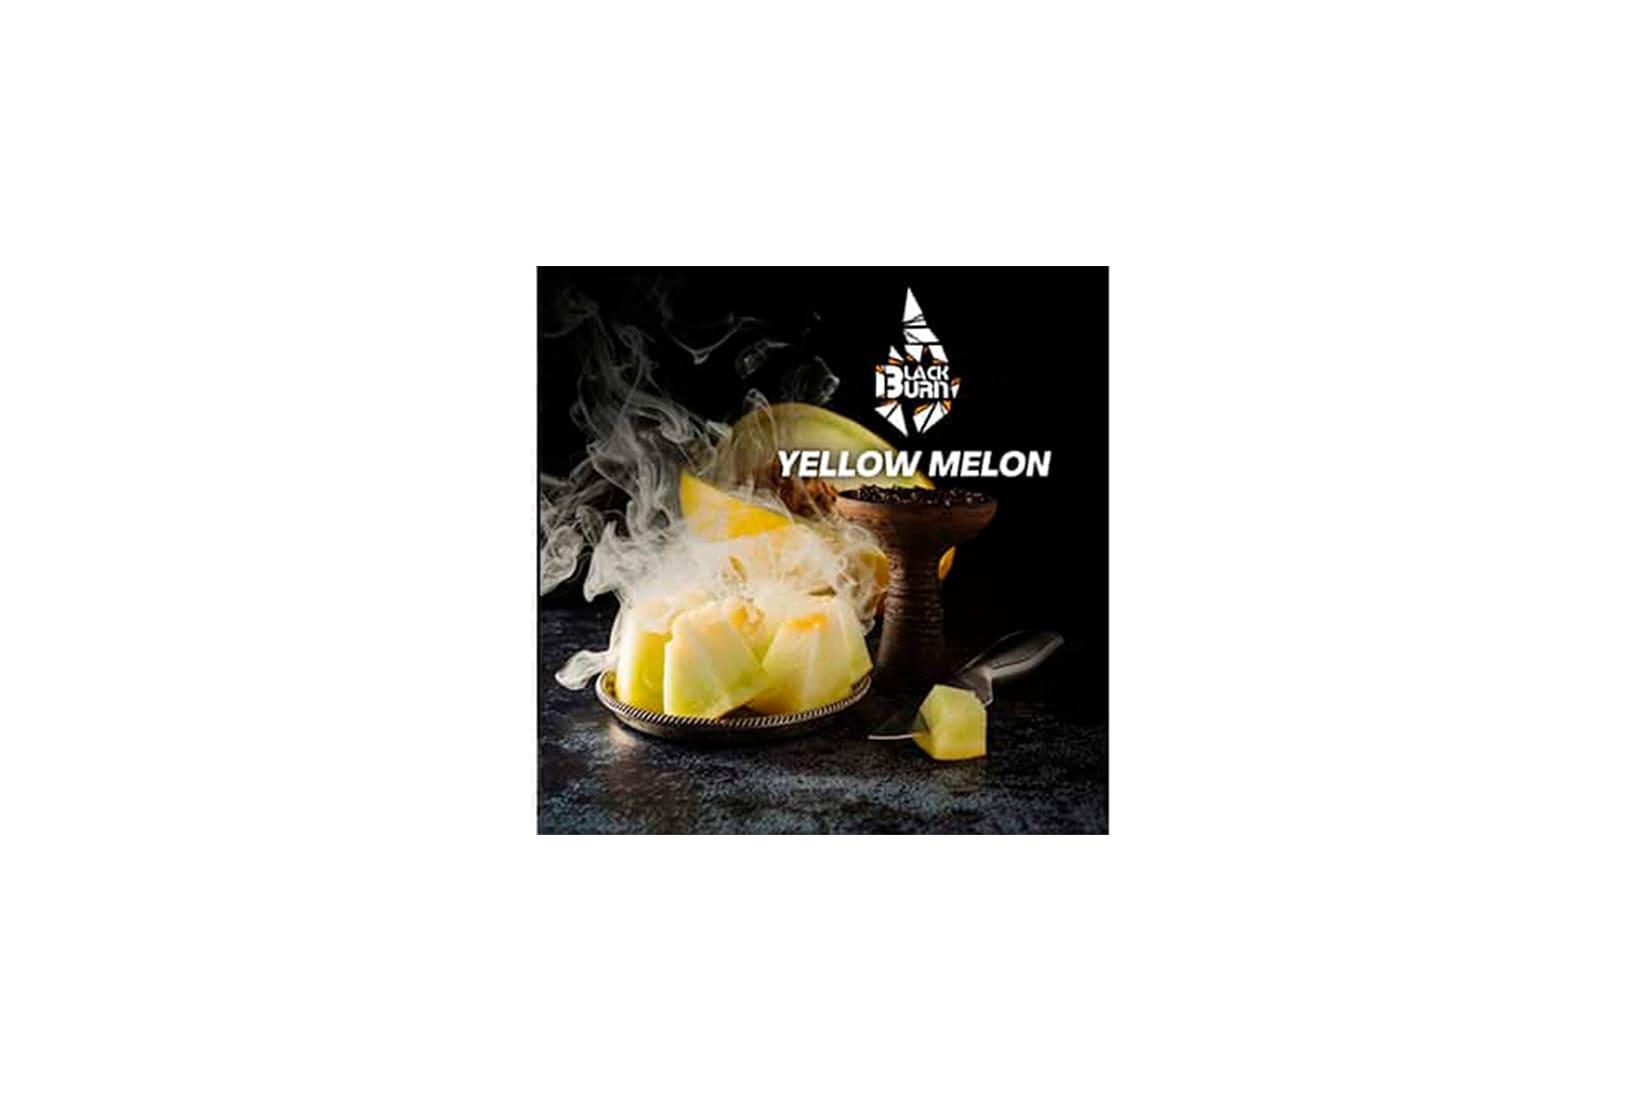 Табак для кальяна Black Burn YELLOW MELON – описание, миксы, отзывы